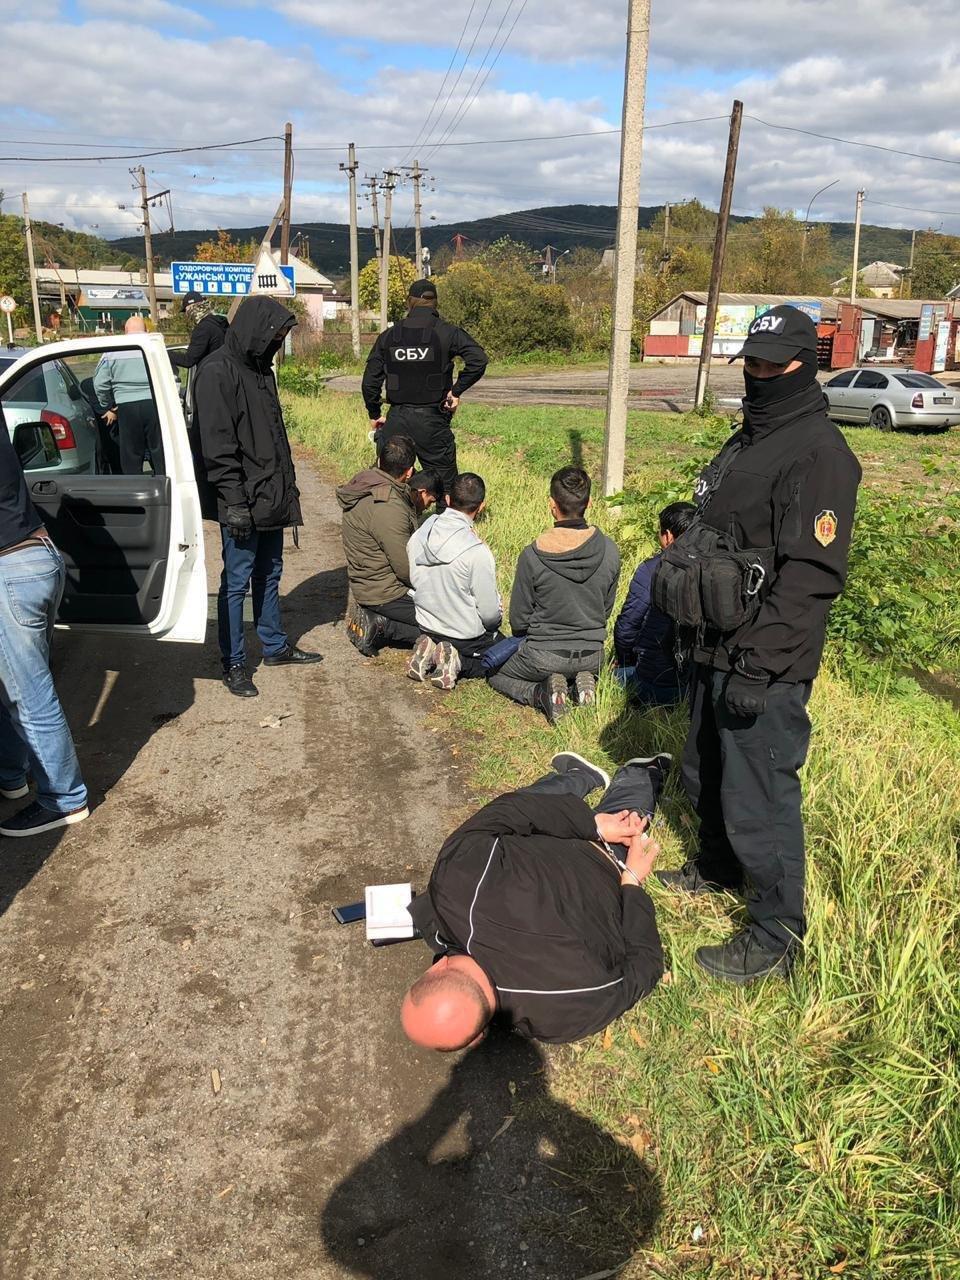 Закарпатці, киянин та молдаванин: з'явились фото та відео із затримання СБУ переправників нелегалів, фото-1